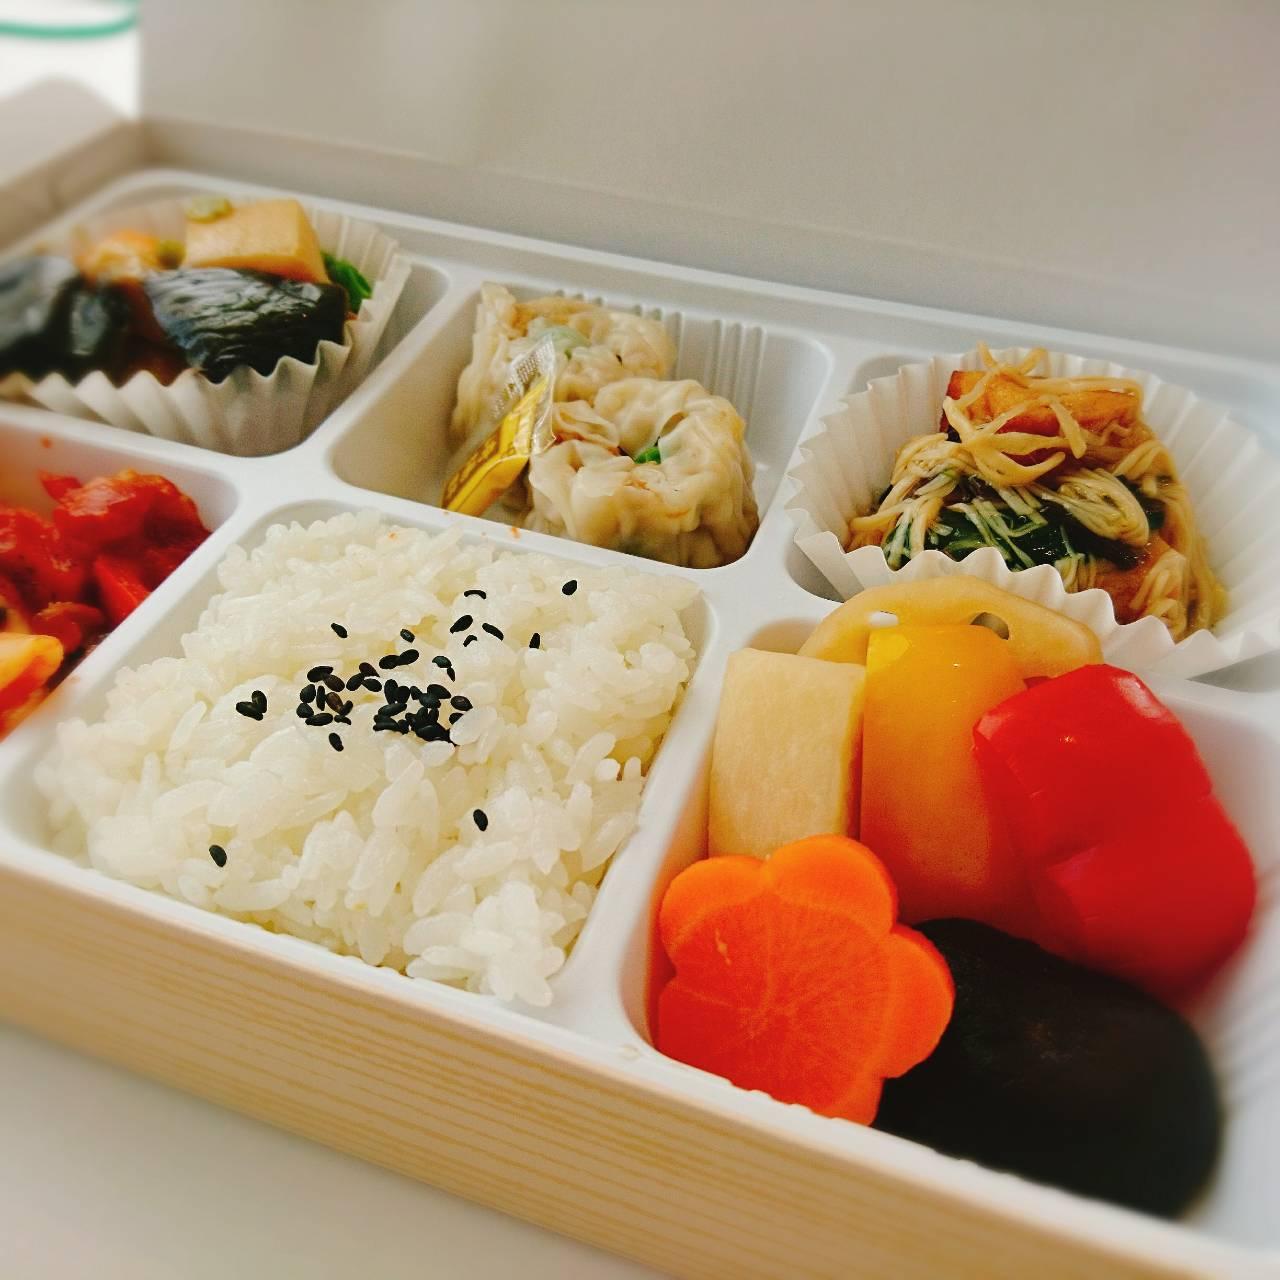 崎陽軒、初のヴィーガン対応のお弁当を発売!「野菜で作ったお弁当」のこだわり